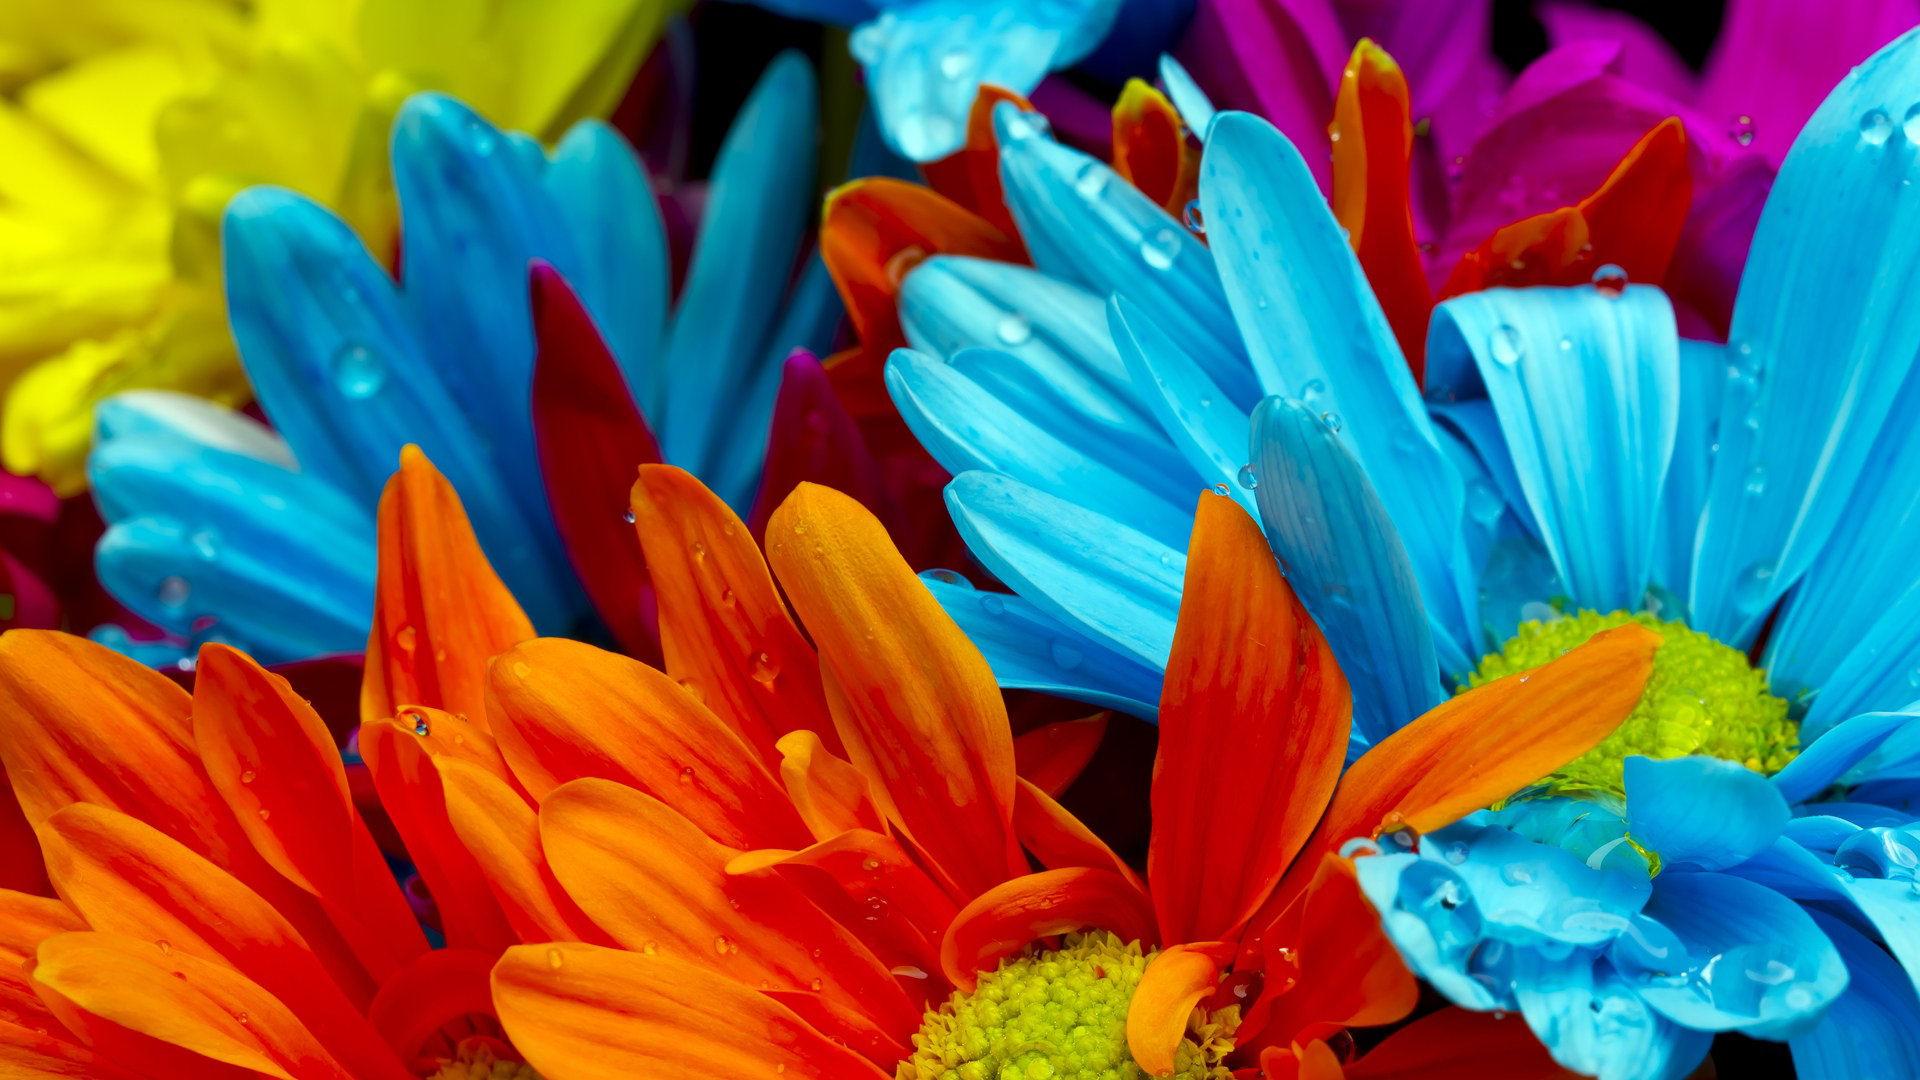 صور ورود جميلة اجمل صور الورد والازهار بجودة HD (41)